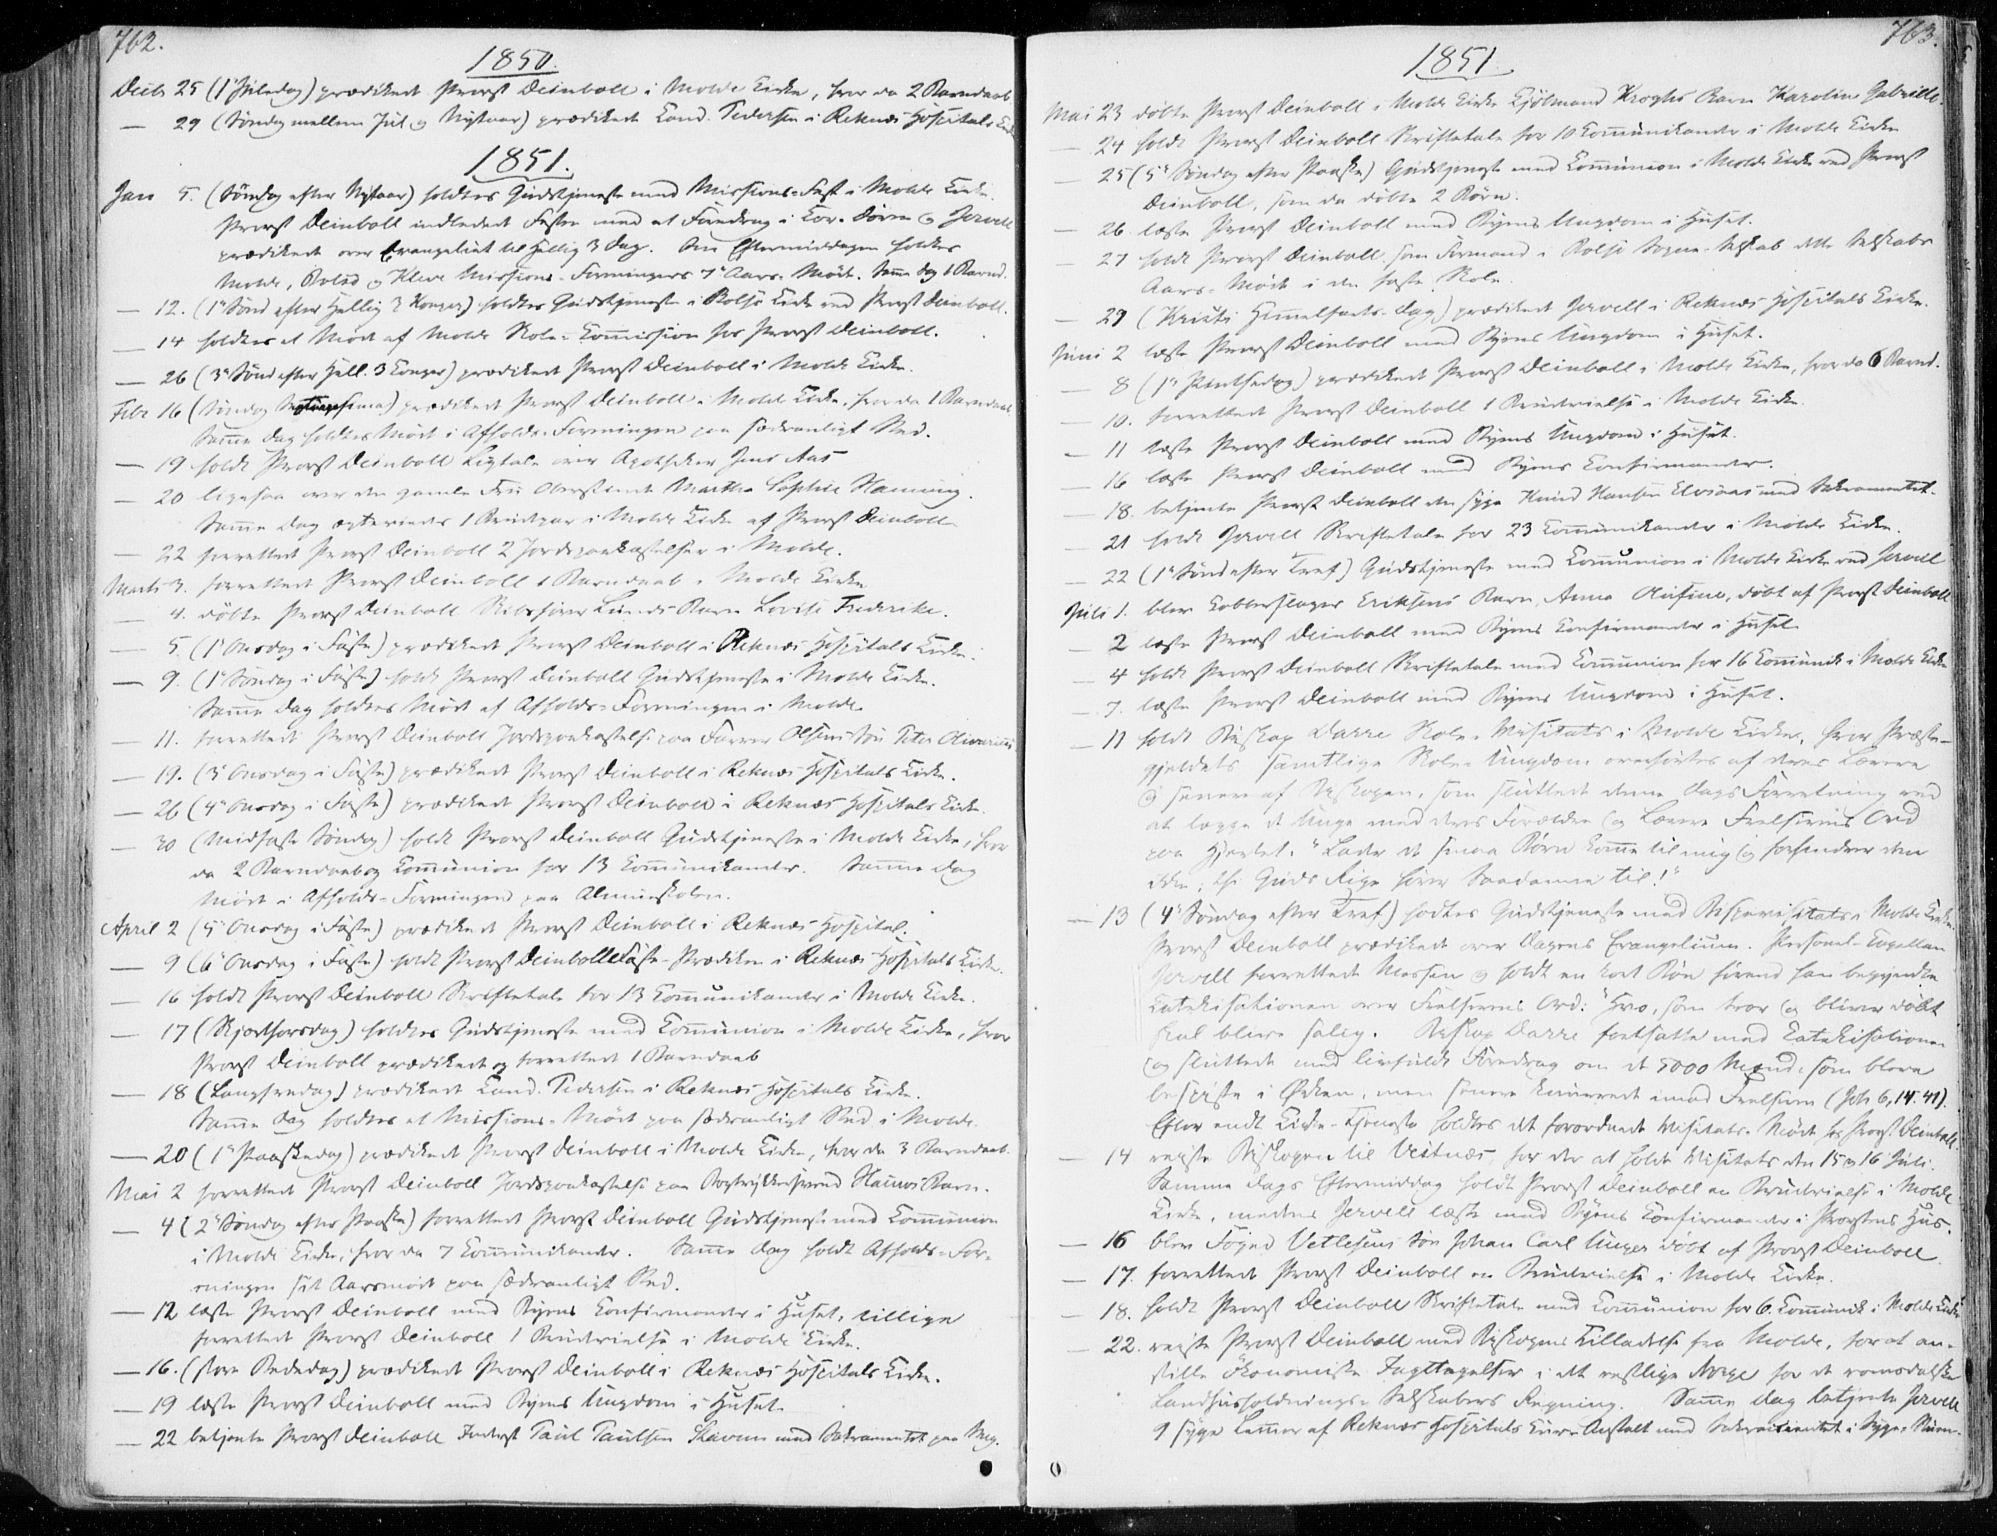 SAT, Ministerialprotokoller, klokkerbøker og fødselsregistre - Møre og Romsdal, 558/L0689: Ministerialbok nr. 558A03, 1843-1872, s. 762-763